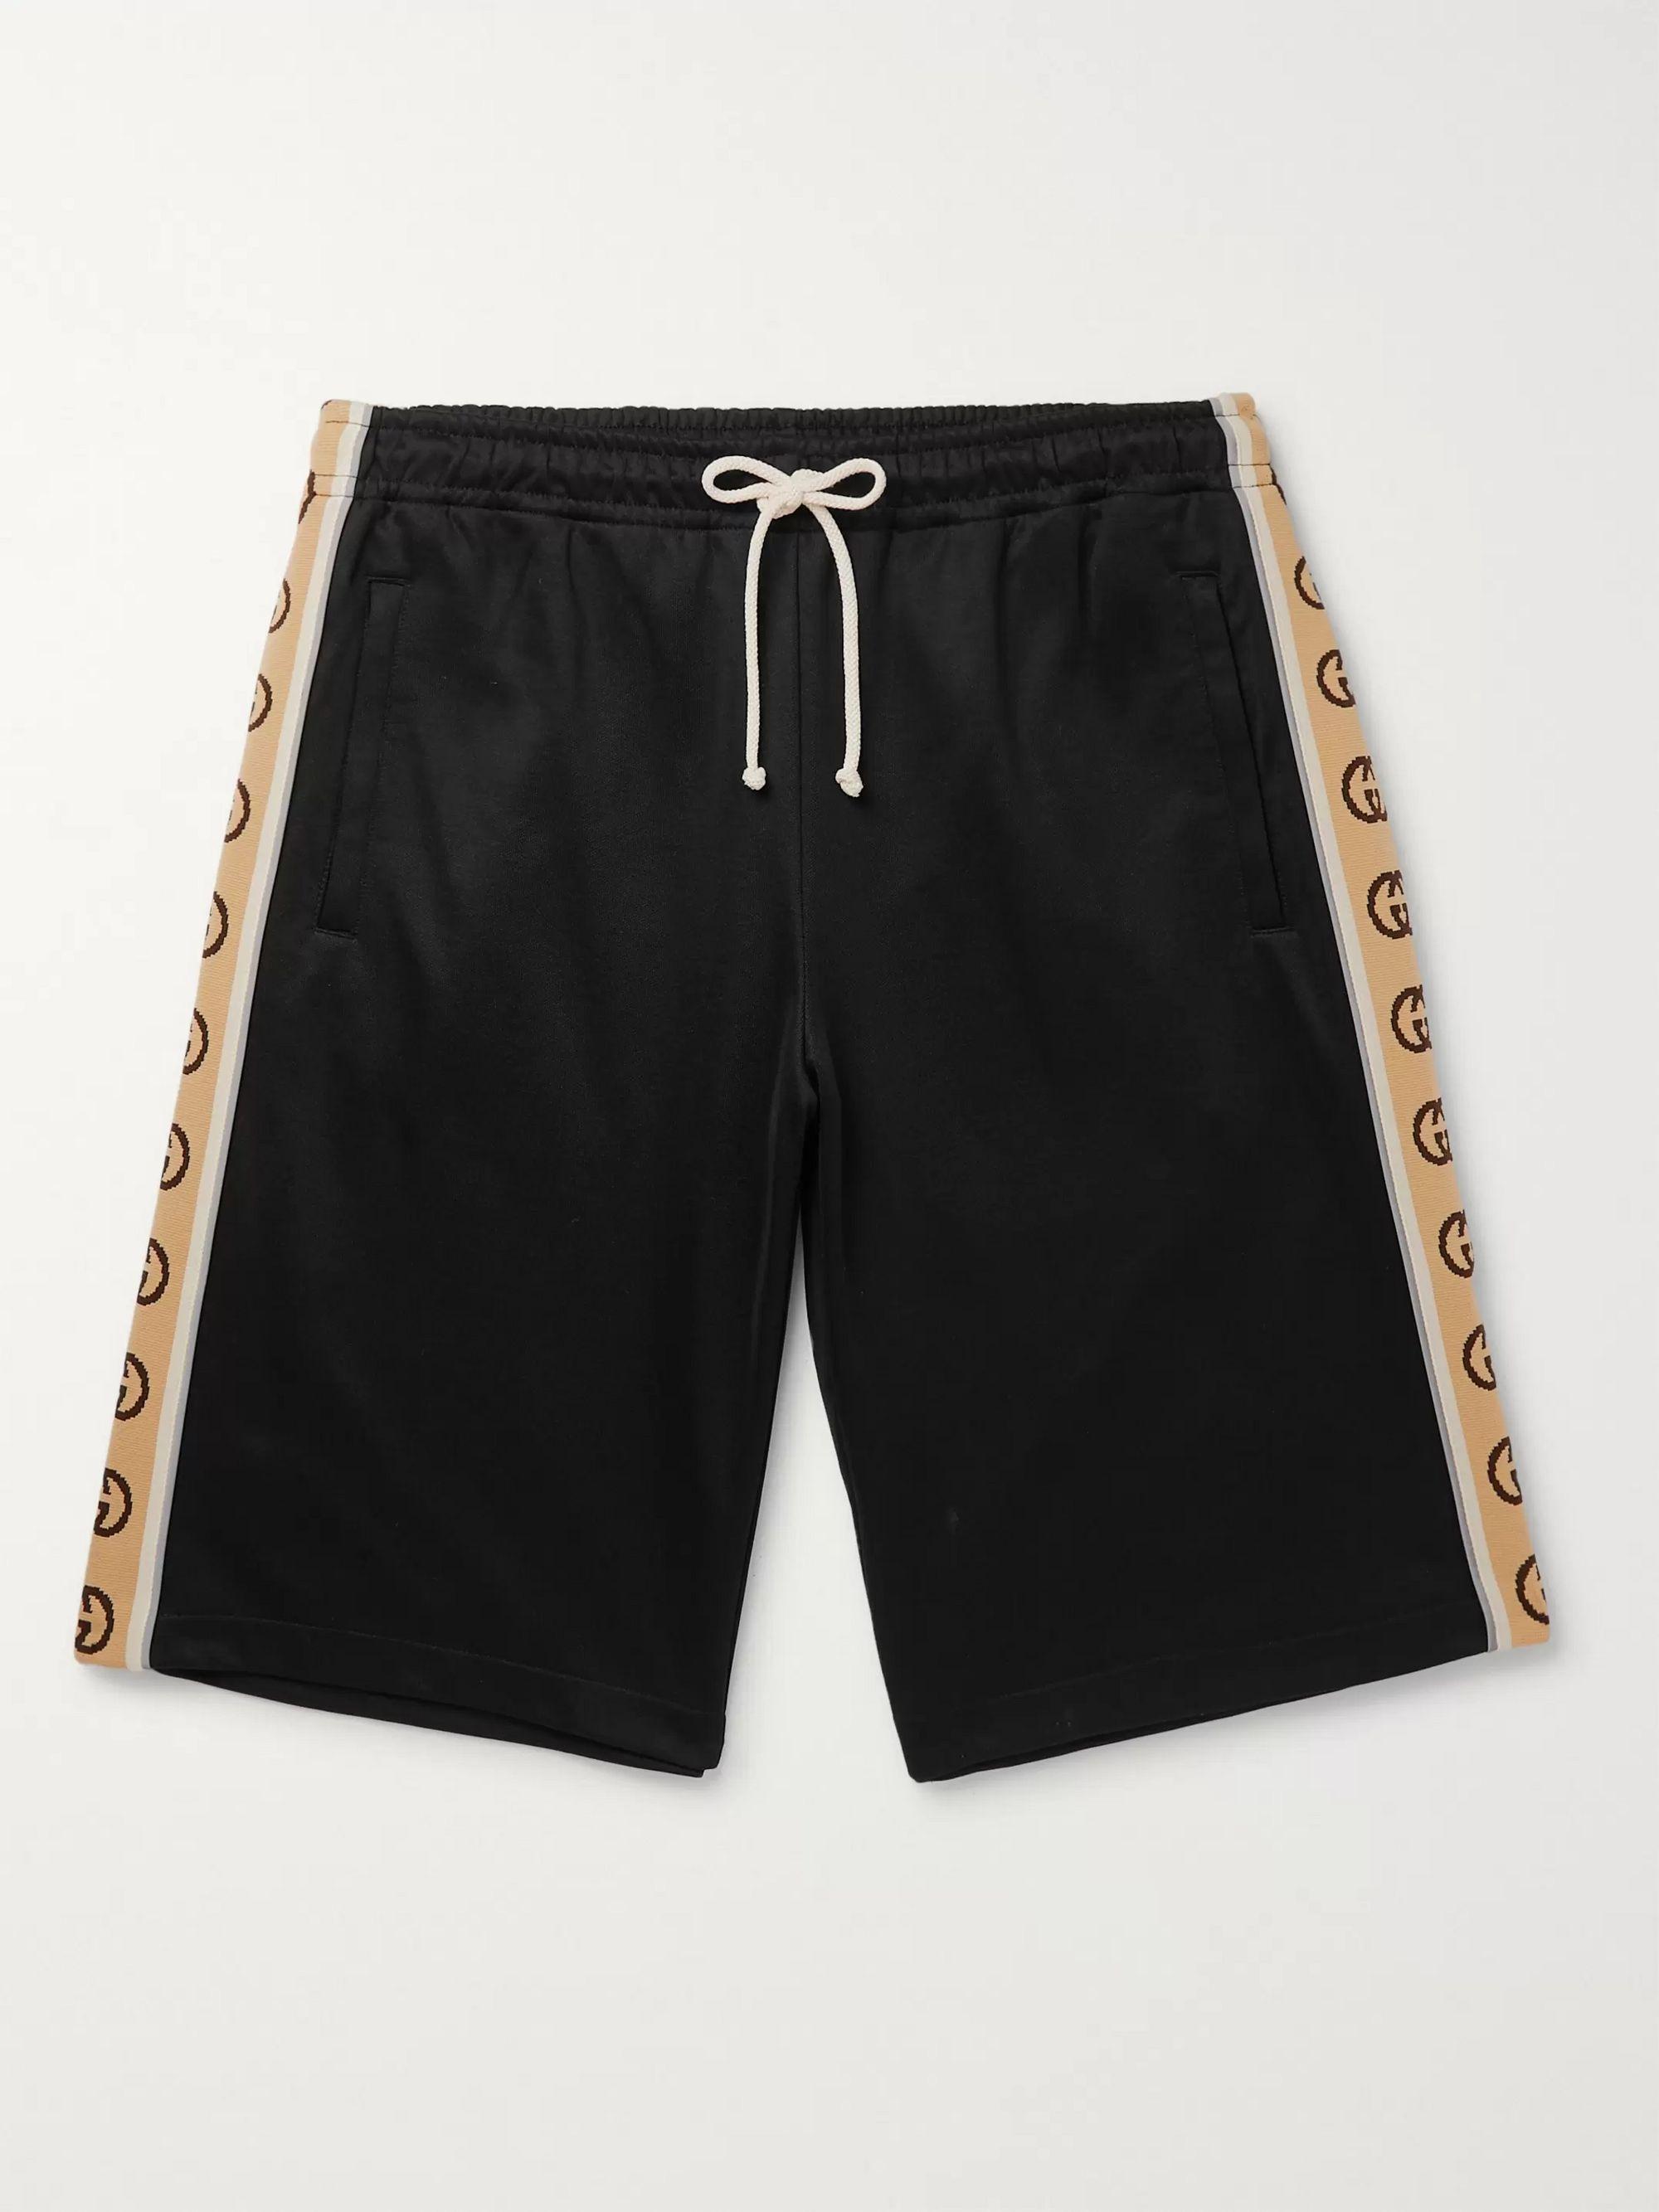 구찌 Gucci Wide-Leg Logo-Jacquard Webbing-Trimmed Tech-Jersey Drawstring Shorts,Black